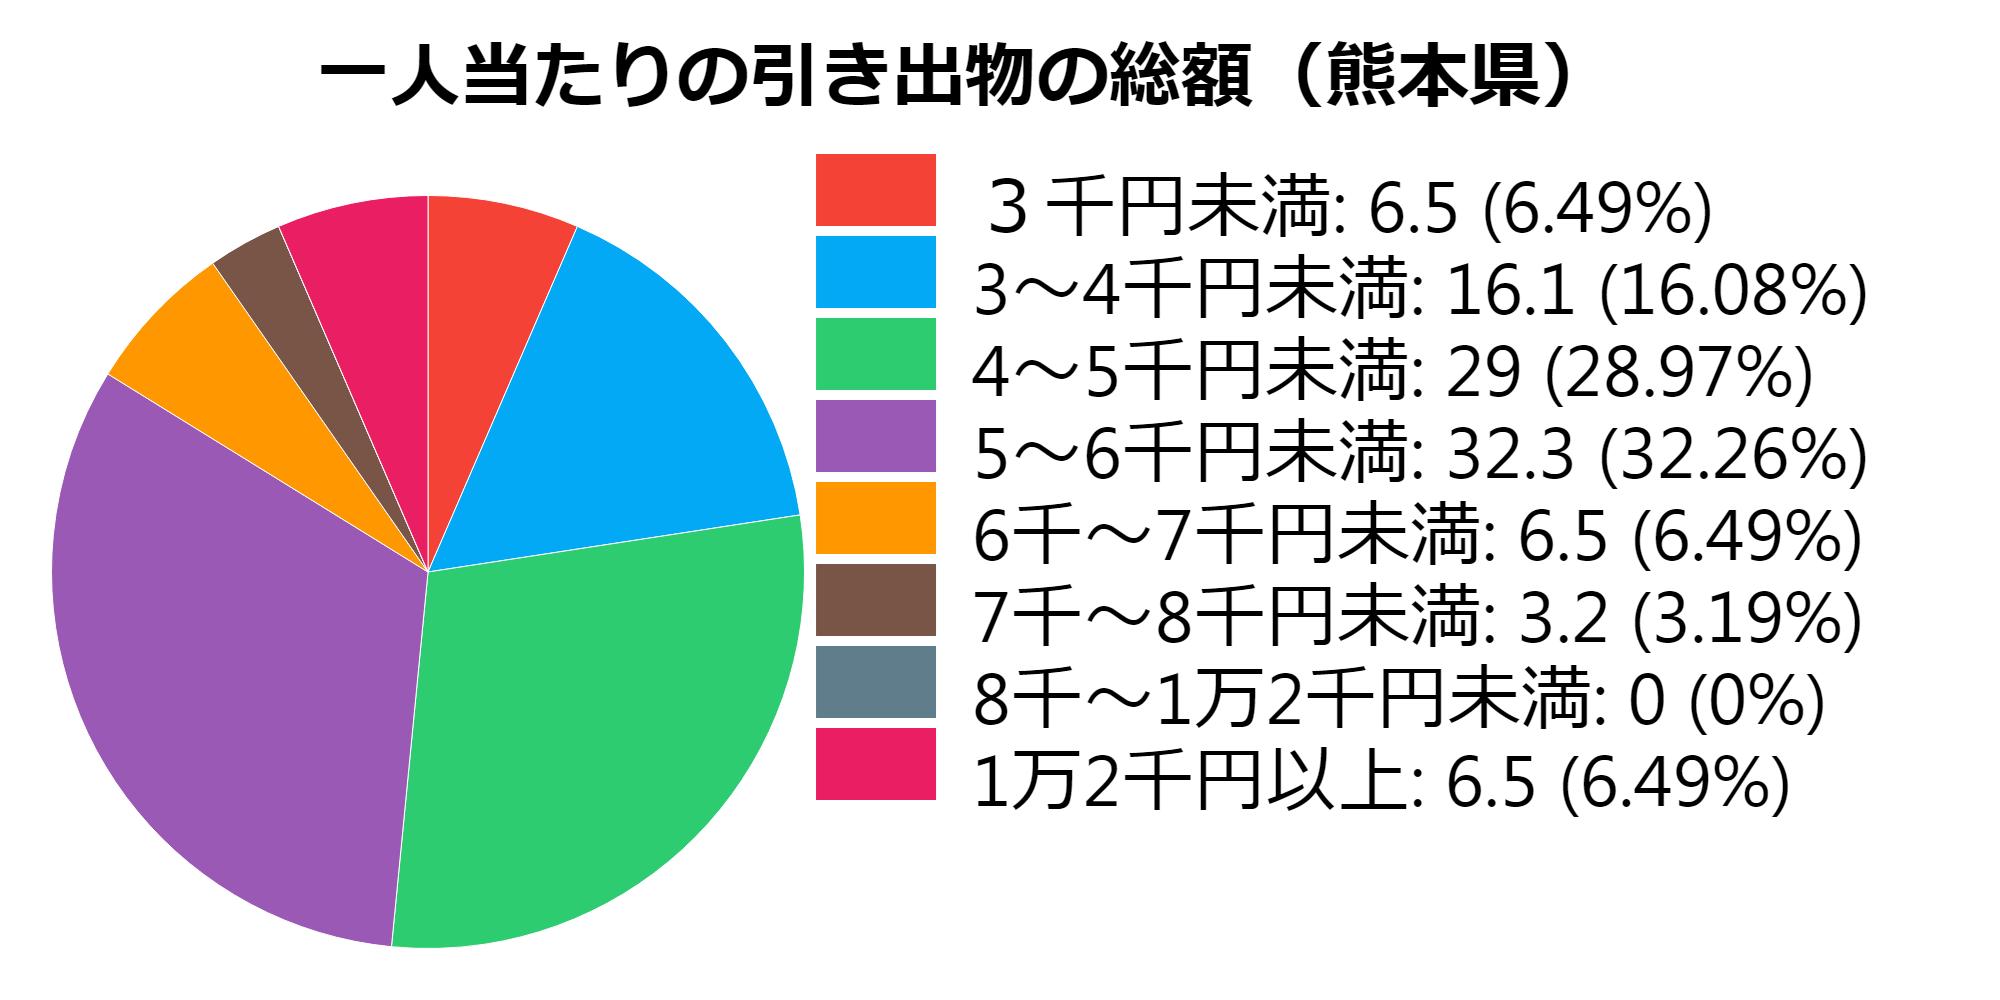 総額(熊本県)